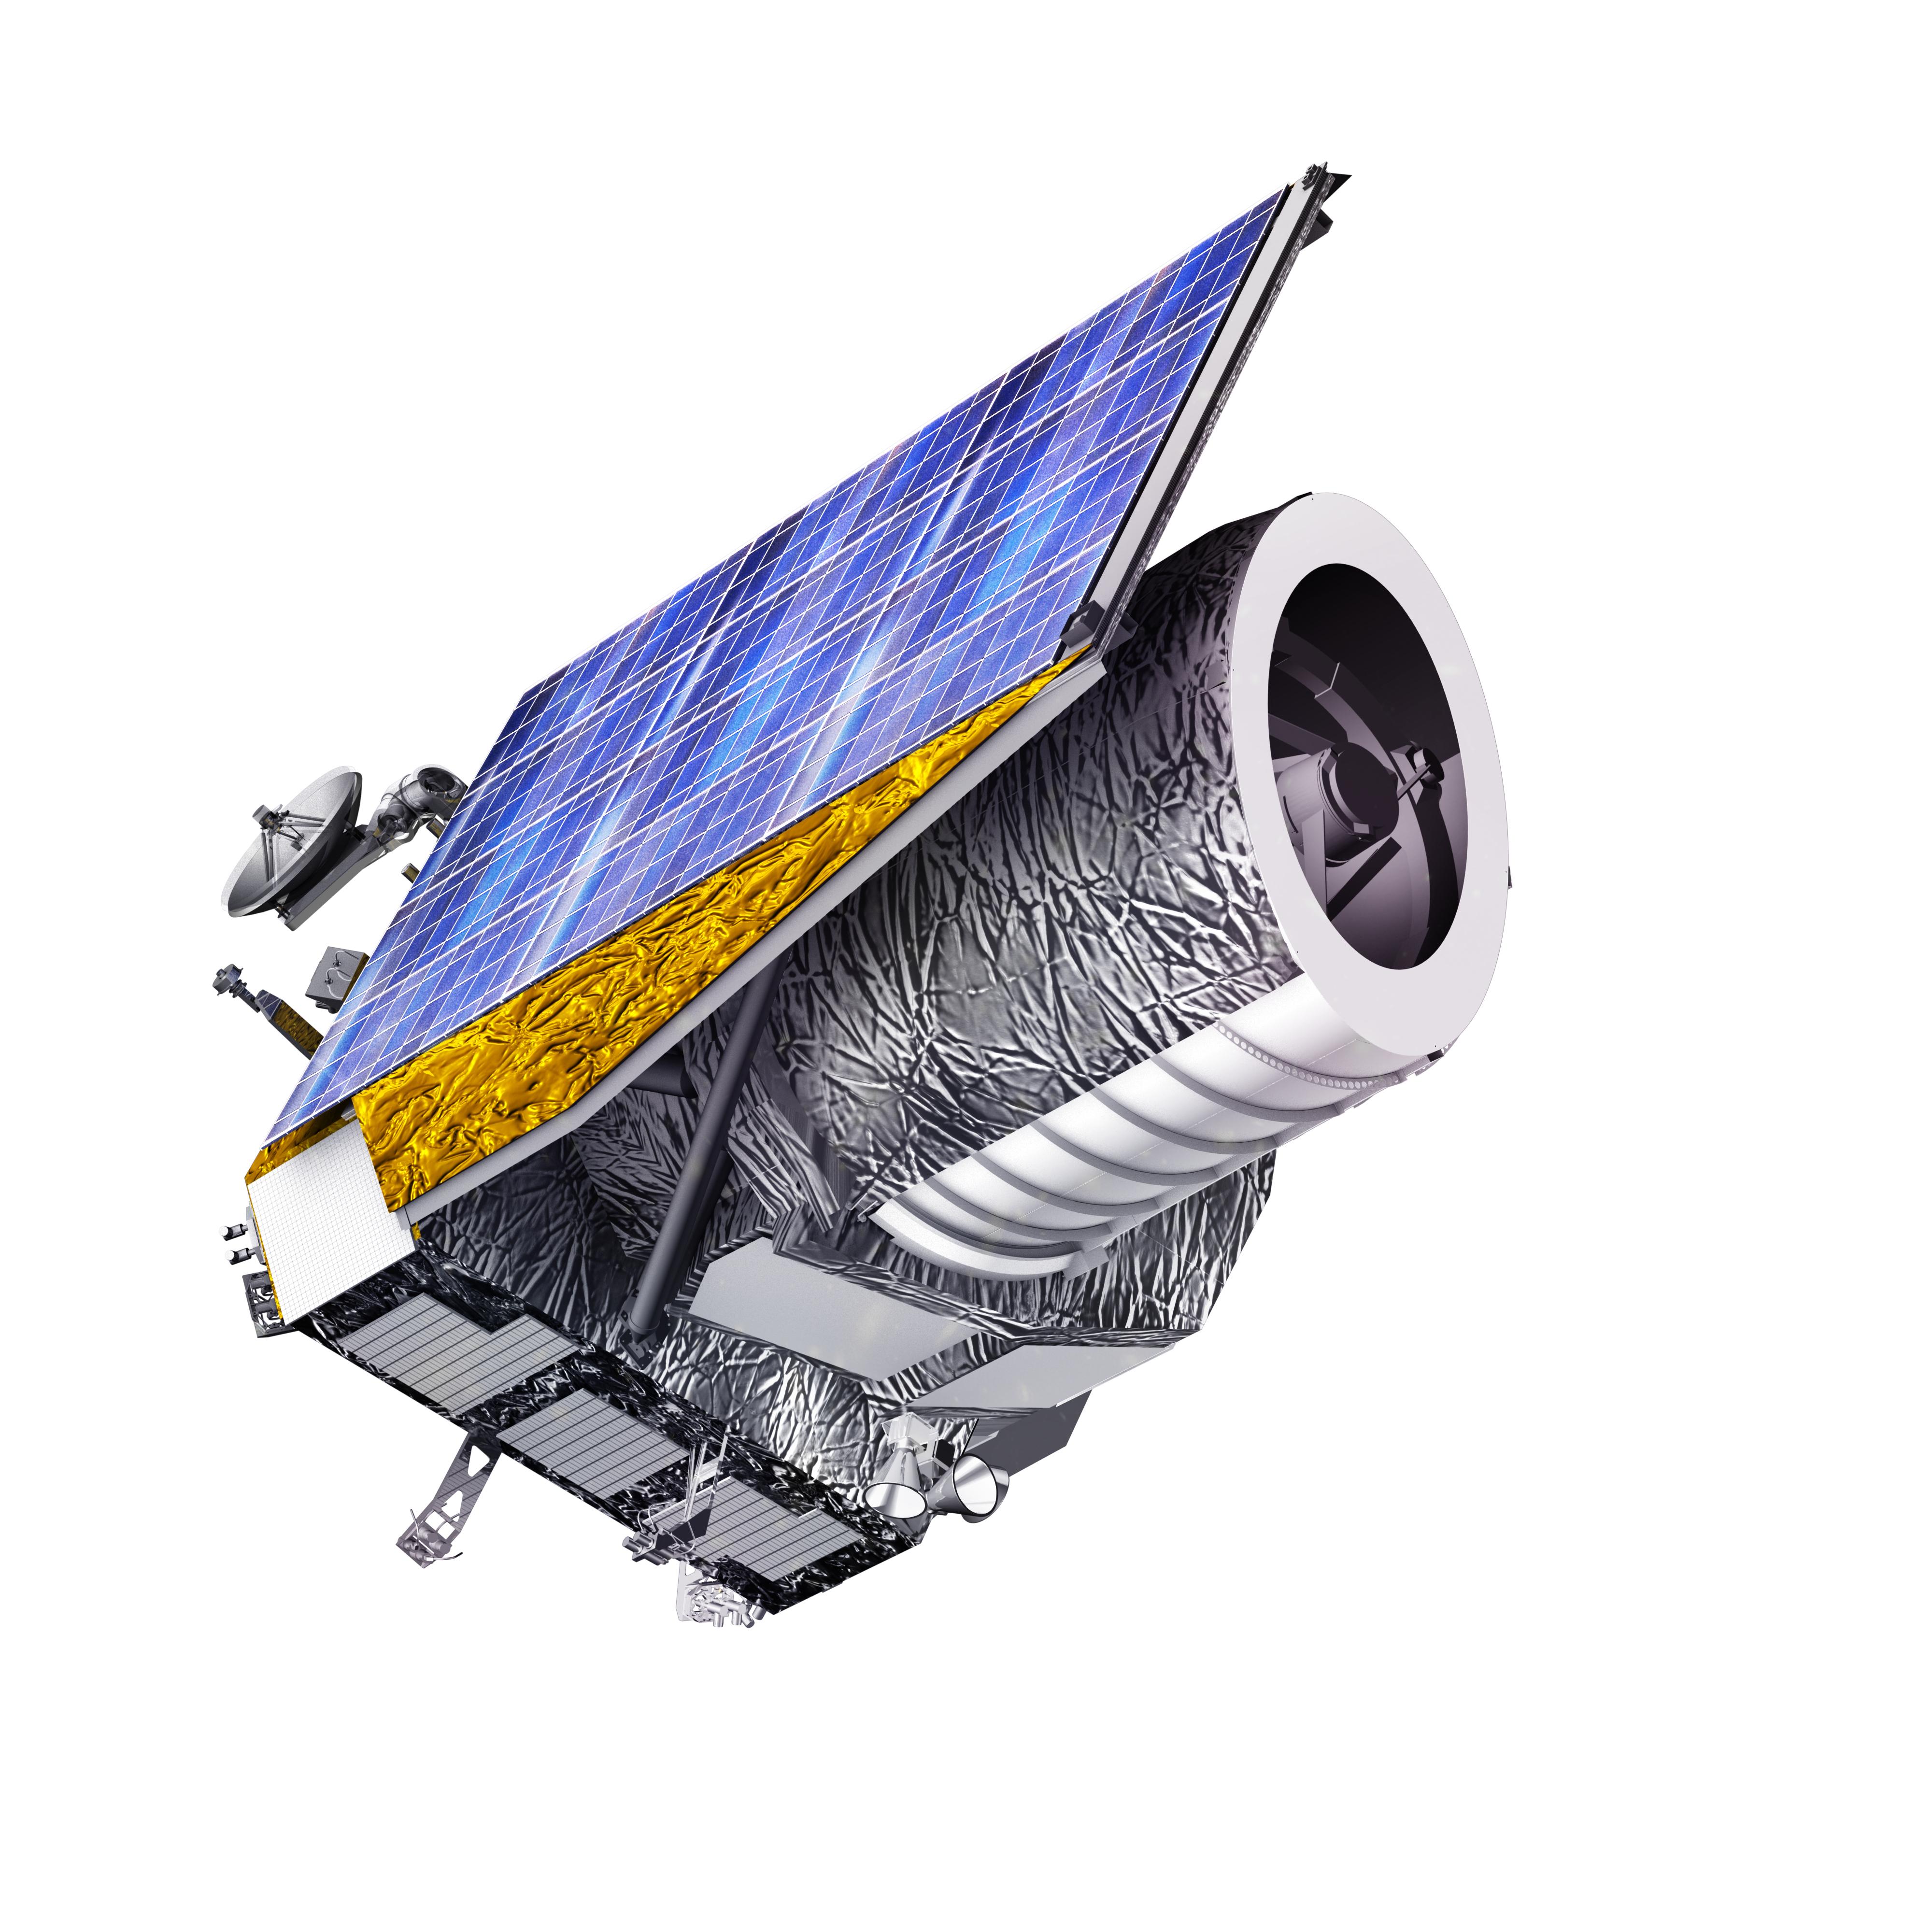 1567214527697-Euclid_spacecraft_20170329.jpg